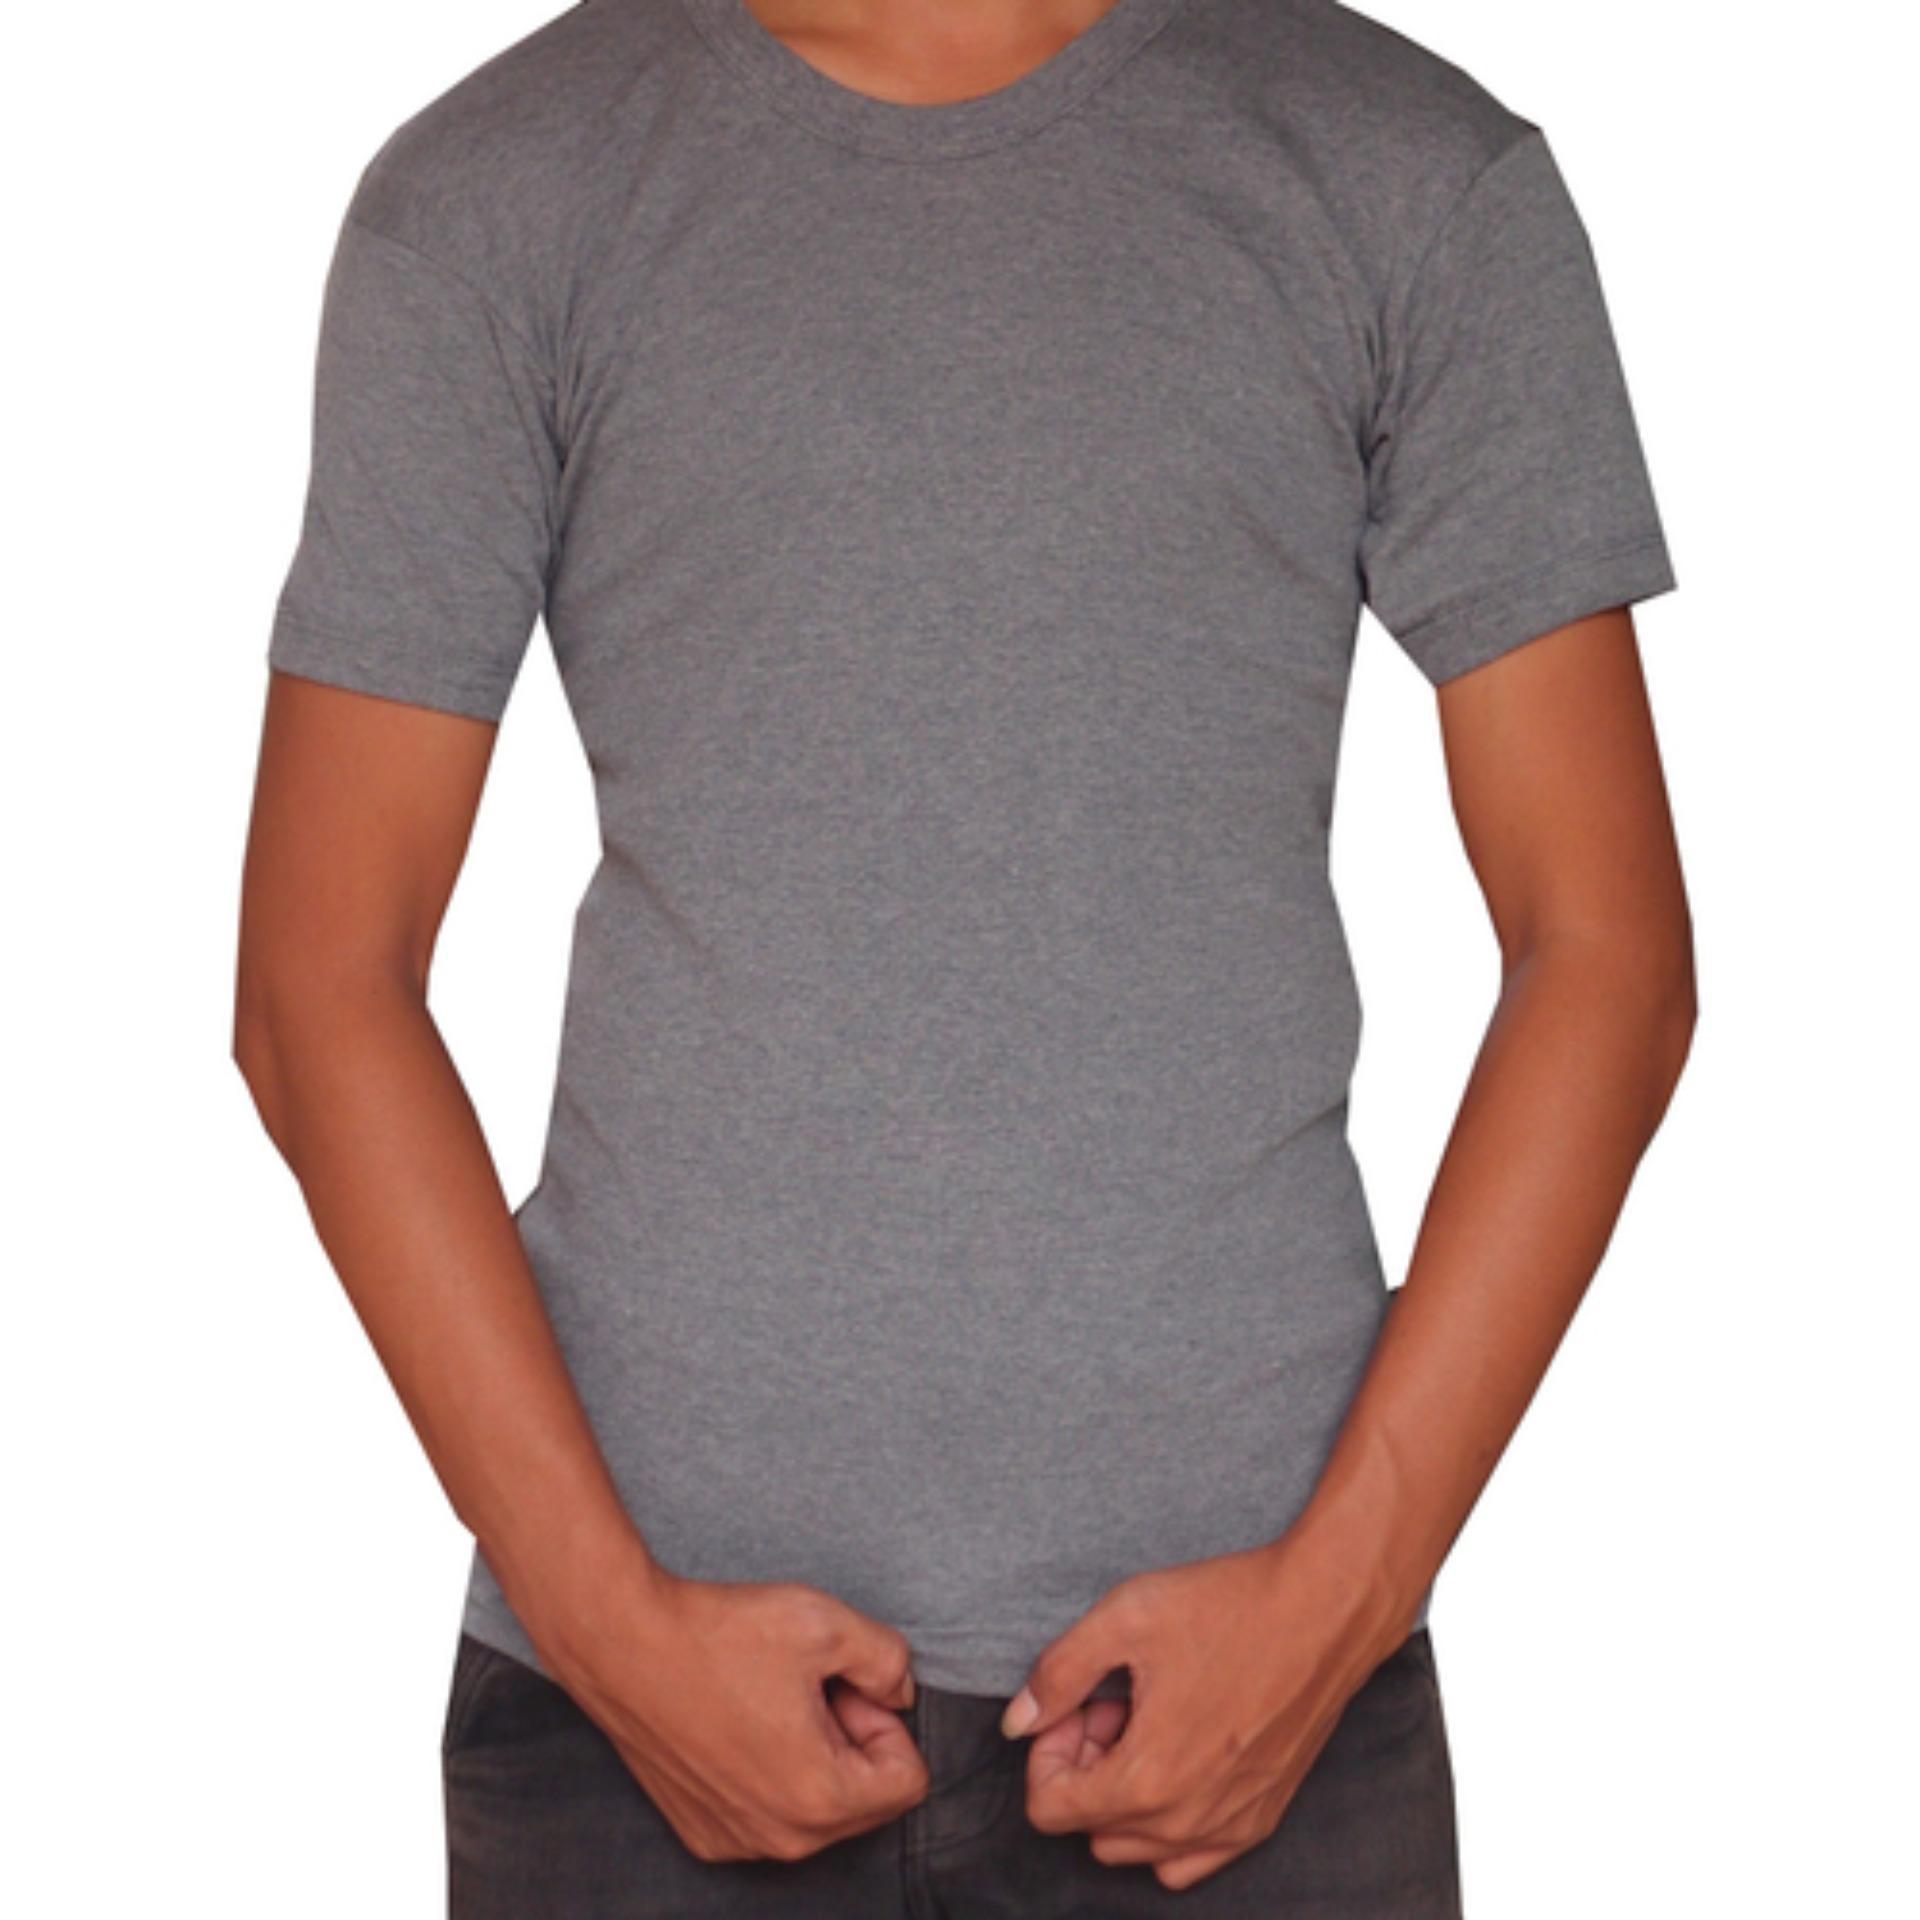 Polosqu Grosir Kaos Polos /Daleman /T shirt /Oblong pria